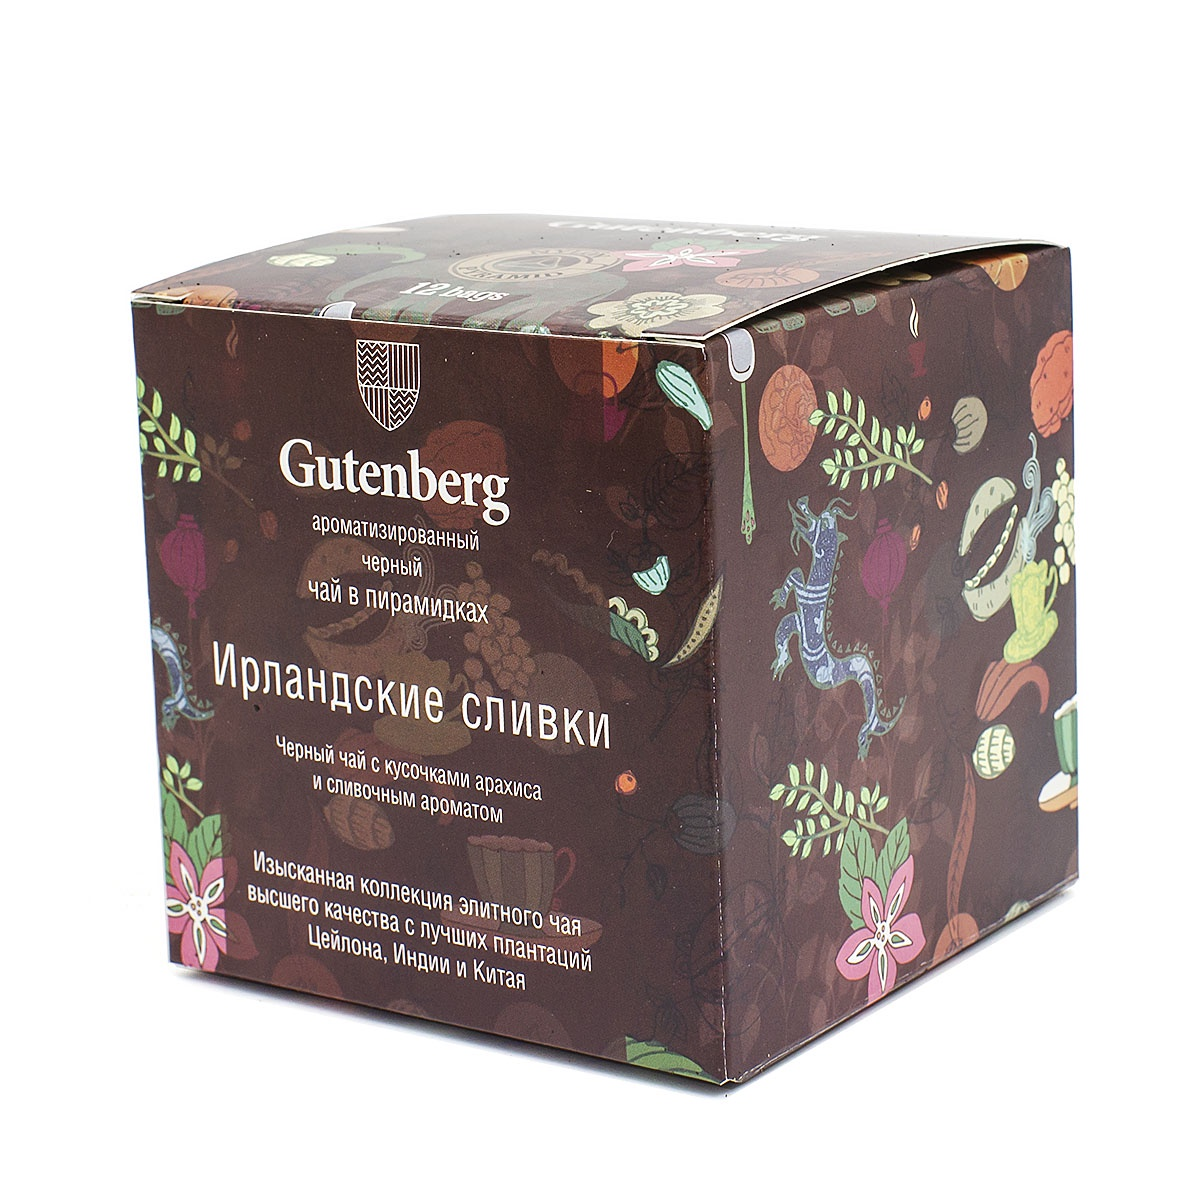 Чай в пирамидках Gutenberg Ирландские Сливки (кор. 12 шт.)PR44016-1Сорт выращивают в районе Верхний Ассам, но чай получил свое название не в честь плантации, а в честь ирландского сливочного ликера. Оба напитка отличаются крепостью и отлично бодрят. За пьянящий аромат отвечают натуральные эфирные масла. Ароматный купаж дополнен мелкими кусочками жареного миндаля, придающими напитку сладковатое ореховое послевкусие.Первым раскрывается глубокий, насыщенный аромат высококлассного ассама. Композицию гармонично дополняют нежные сливки с мягкими ореховыми и финиковыми нотами. Мягкий, но яркий вкус напитка отлично подчеркнет свежее молоко или нежирные сливки.Способ приготовления: Заваривать 4-5 минут при температуре воды 85C, 1 пакетик на 250 мл. воды.